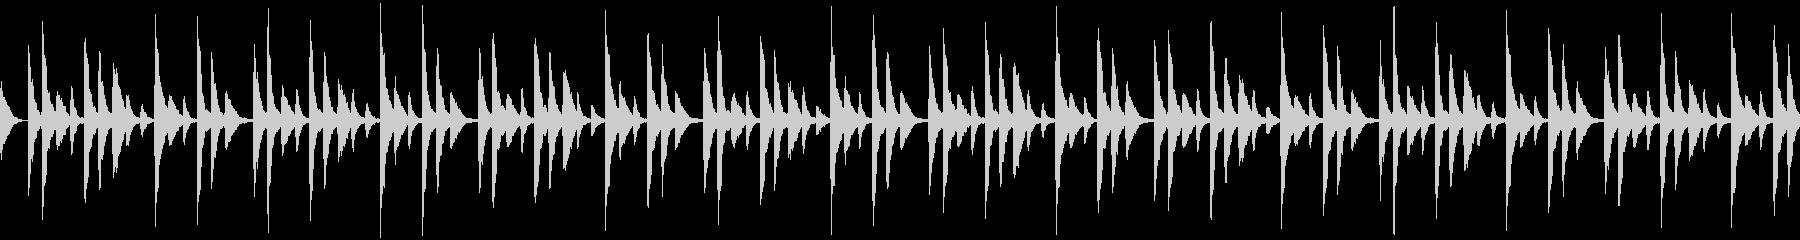 ラテン songo リズムパターン の未再生の波形